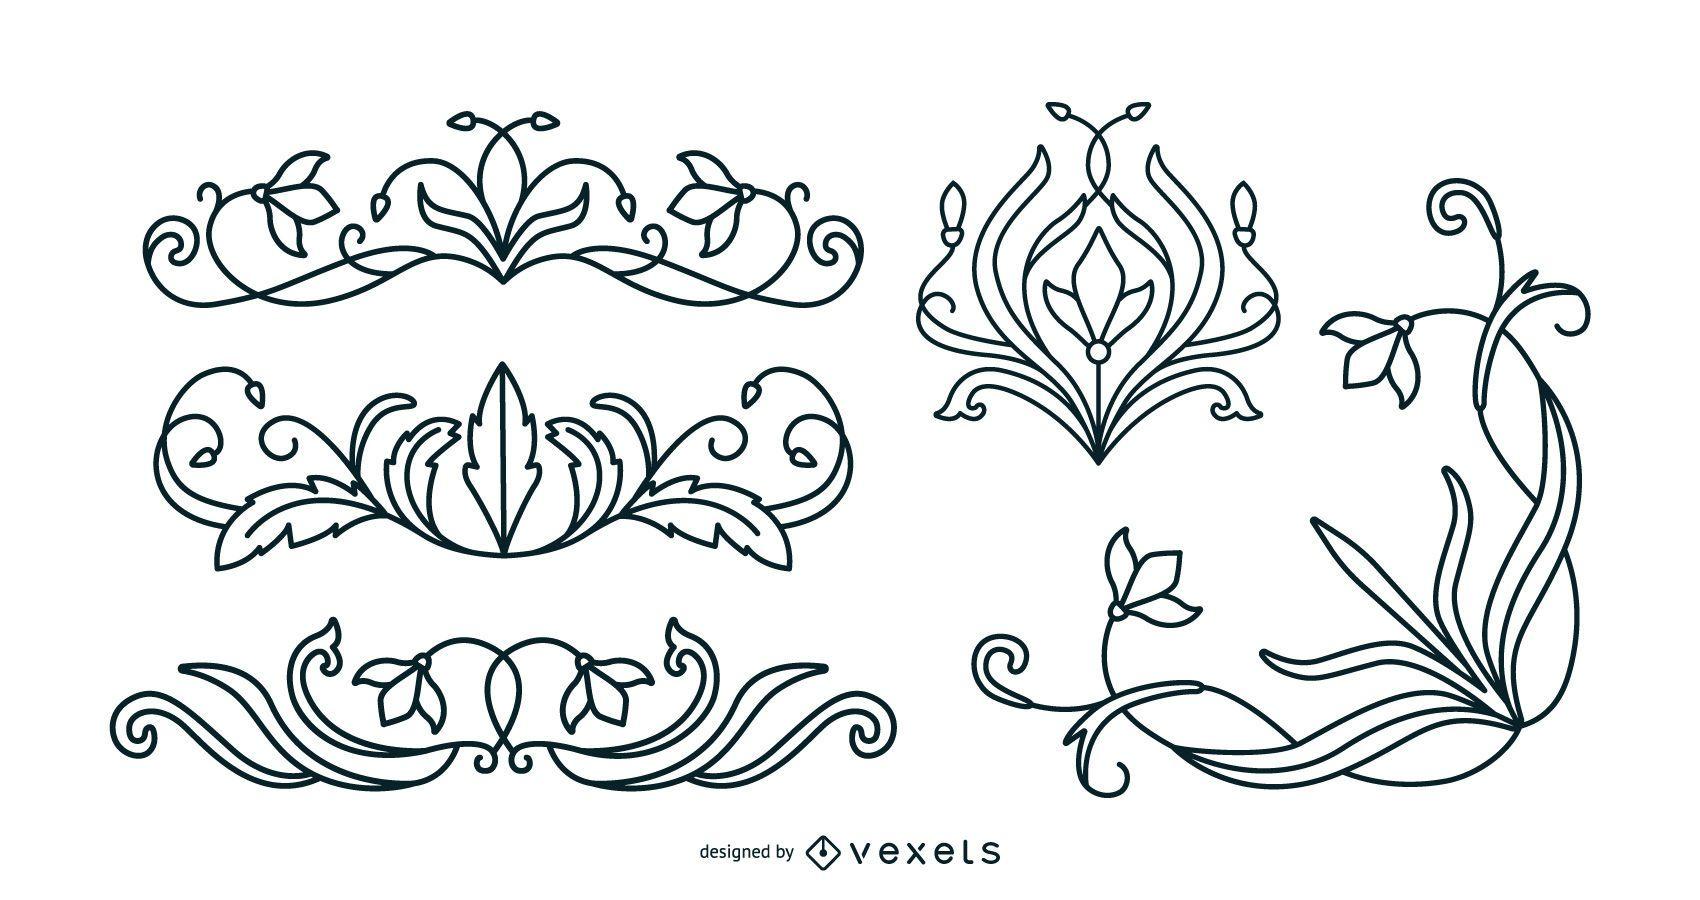 Art nouveau floral ornaments stroke set